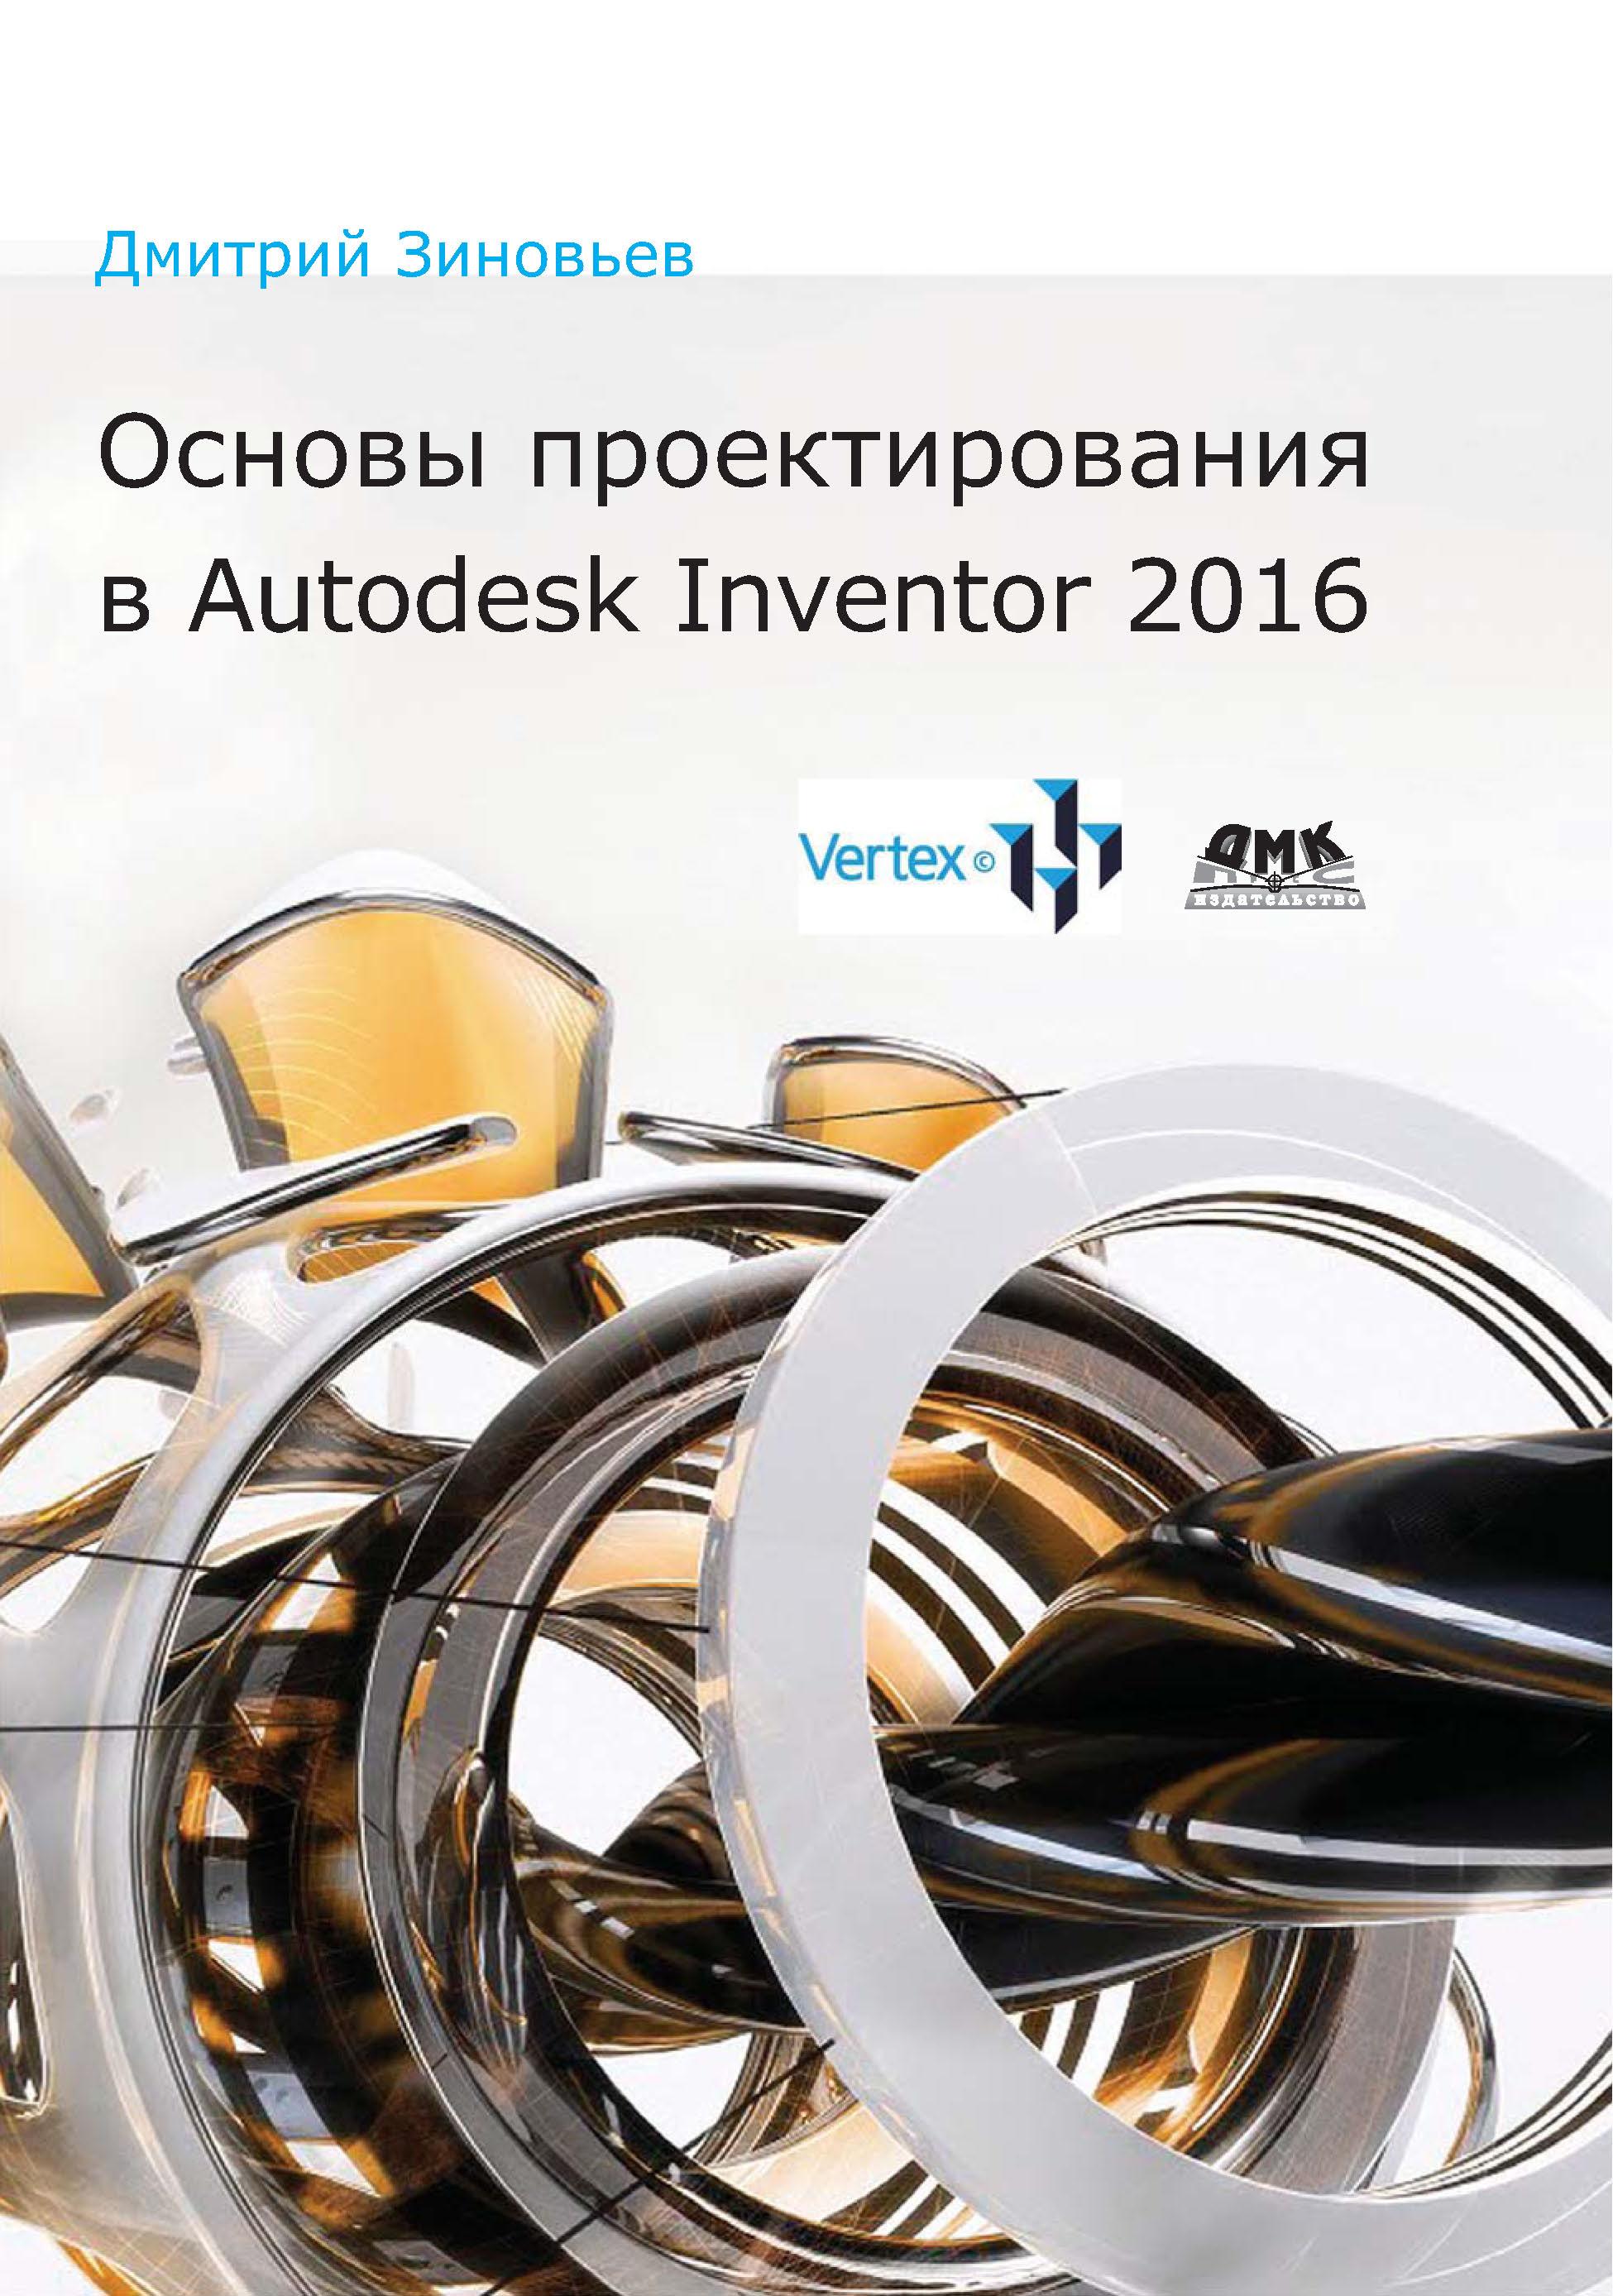 Дмитрий Зиновьев Основы проектирования в Autodesk Inventor 2016 дмитрий зиновьев создание сварных конструкций вautodesk inventor